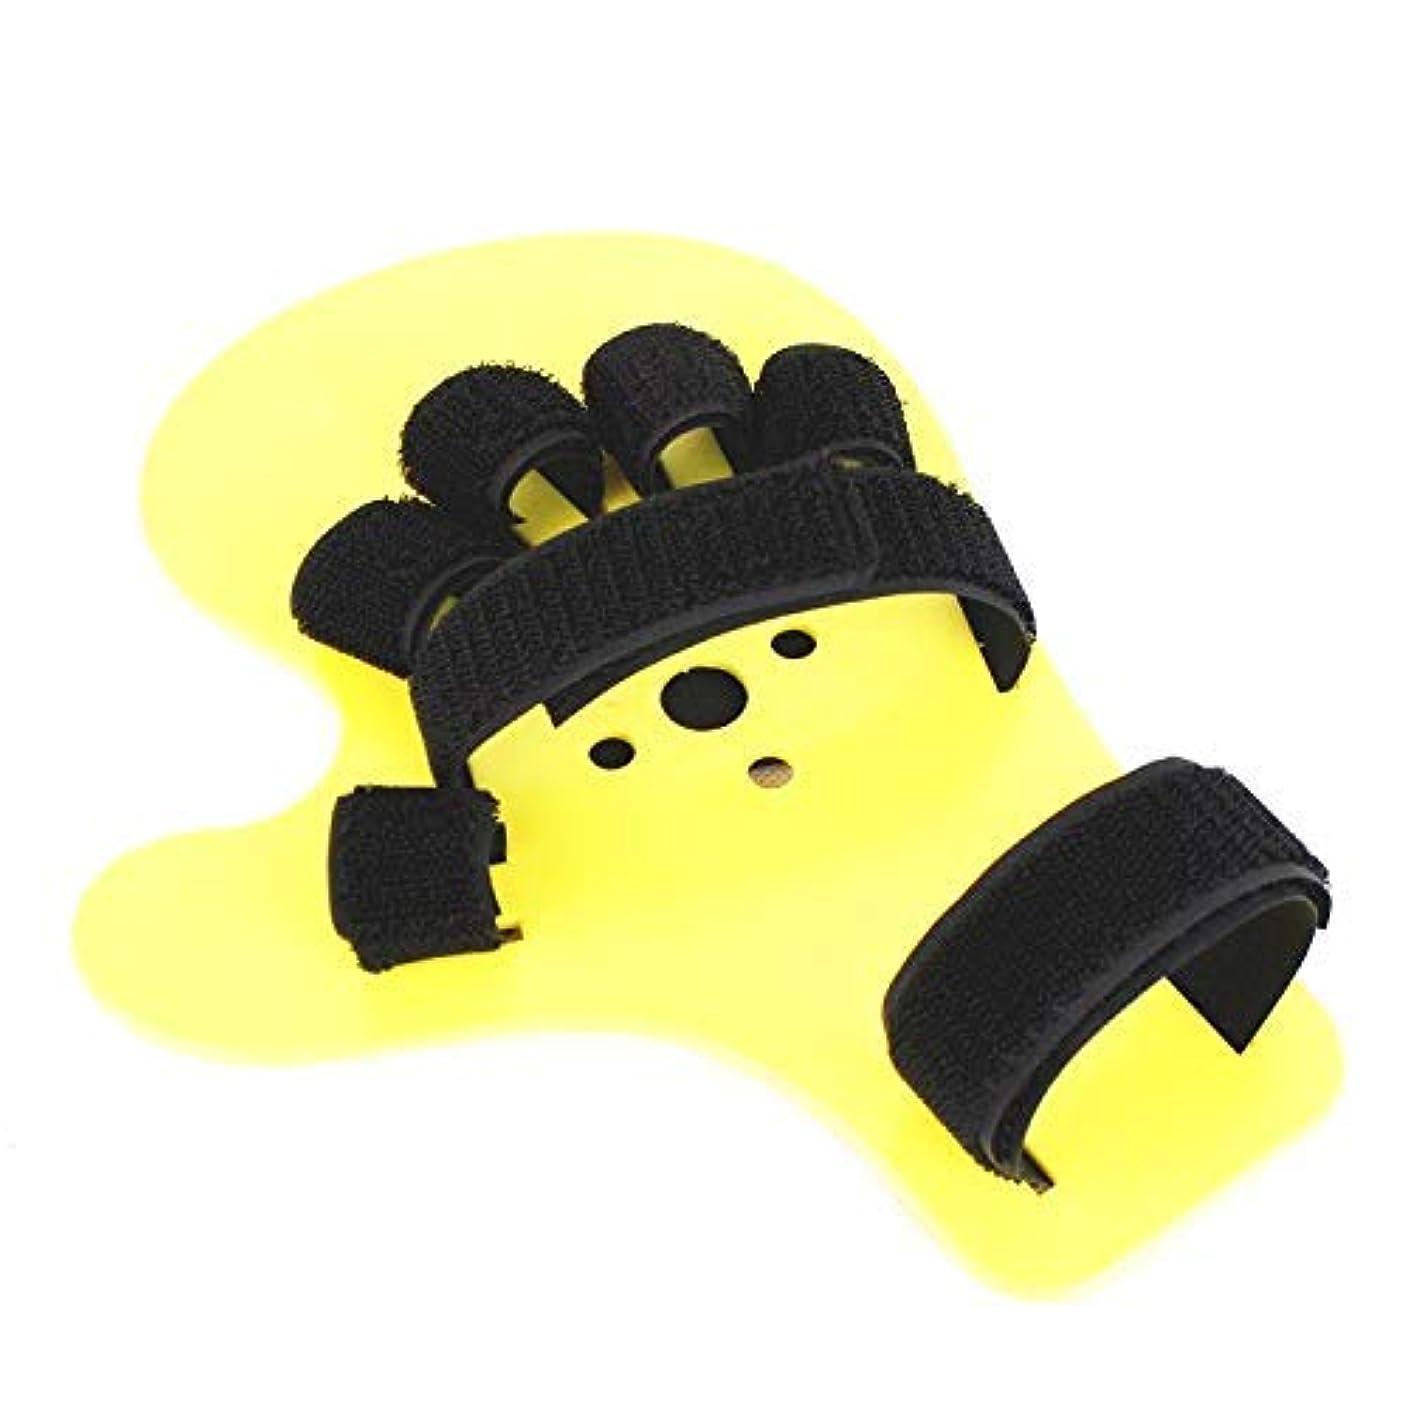 暴動近代化幻滅フィンガーアライナ、フィンガートレーニングボードハンドスプリントフィンガーボード、左右両用、つぶれ防止フィンガーセパレータ、片麻痺(1個)